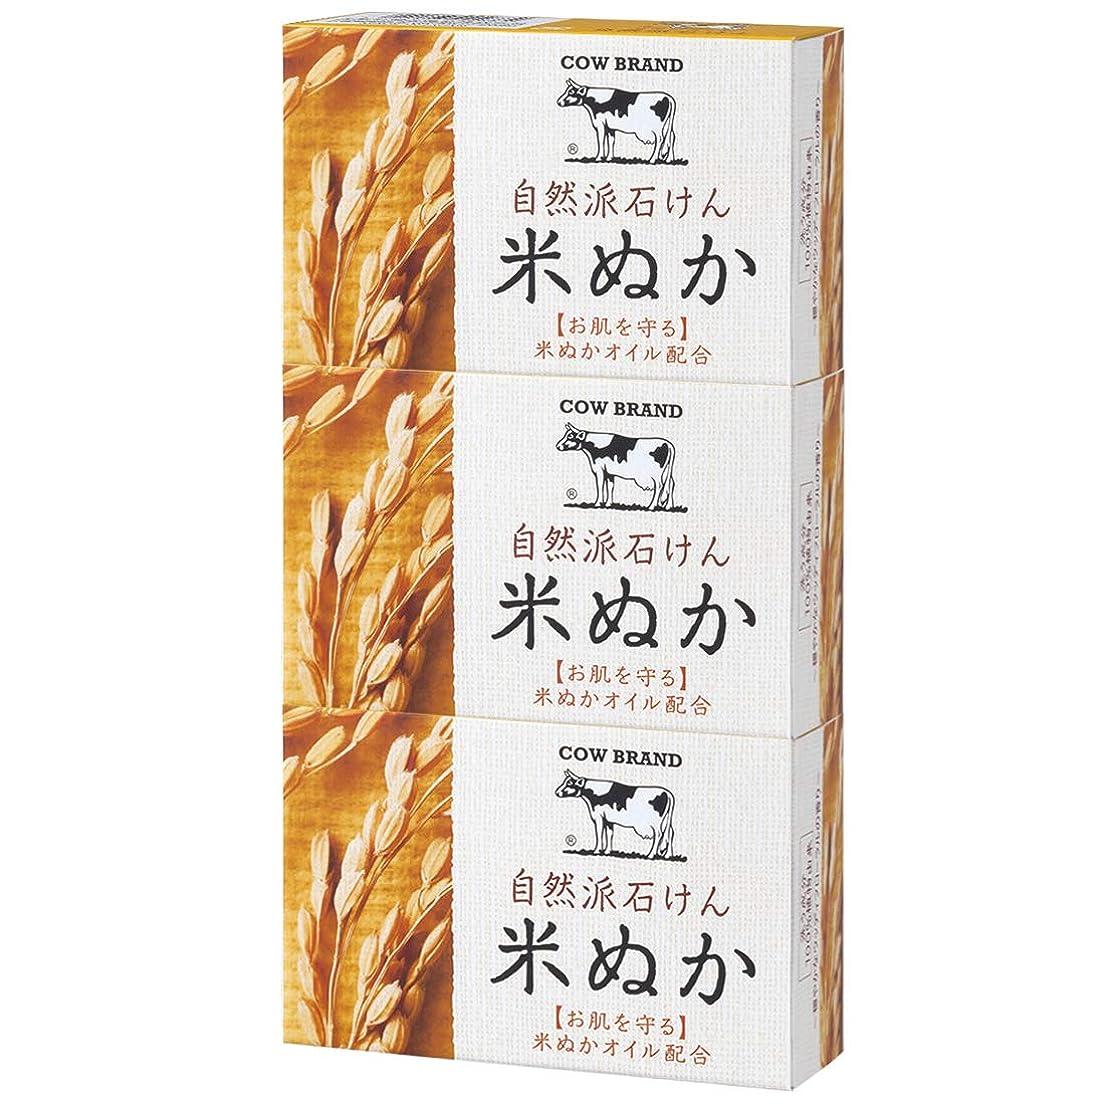 高架スチュアート島インサートカウブランド 自然派石けん 米ぬか 100g*3個